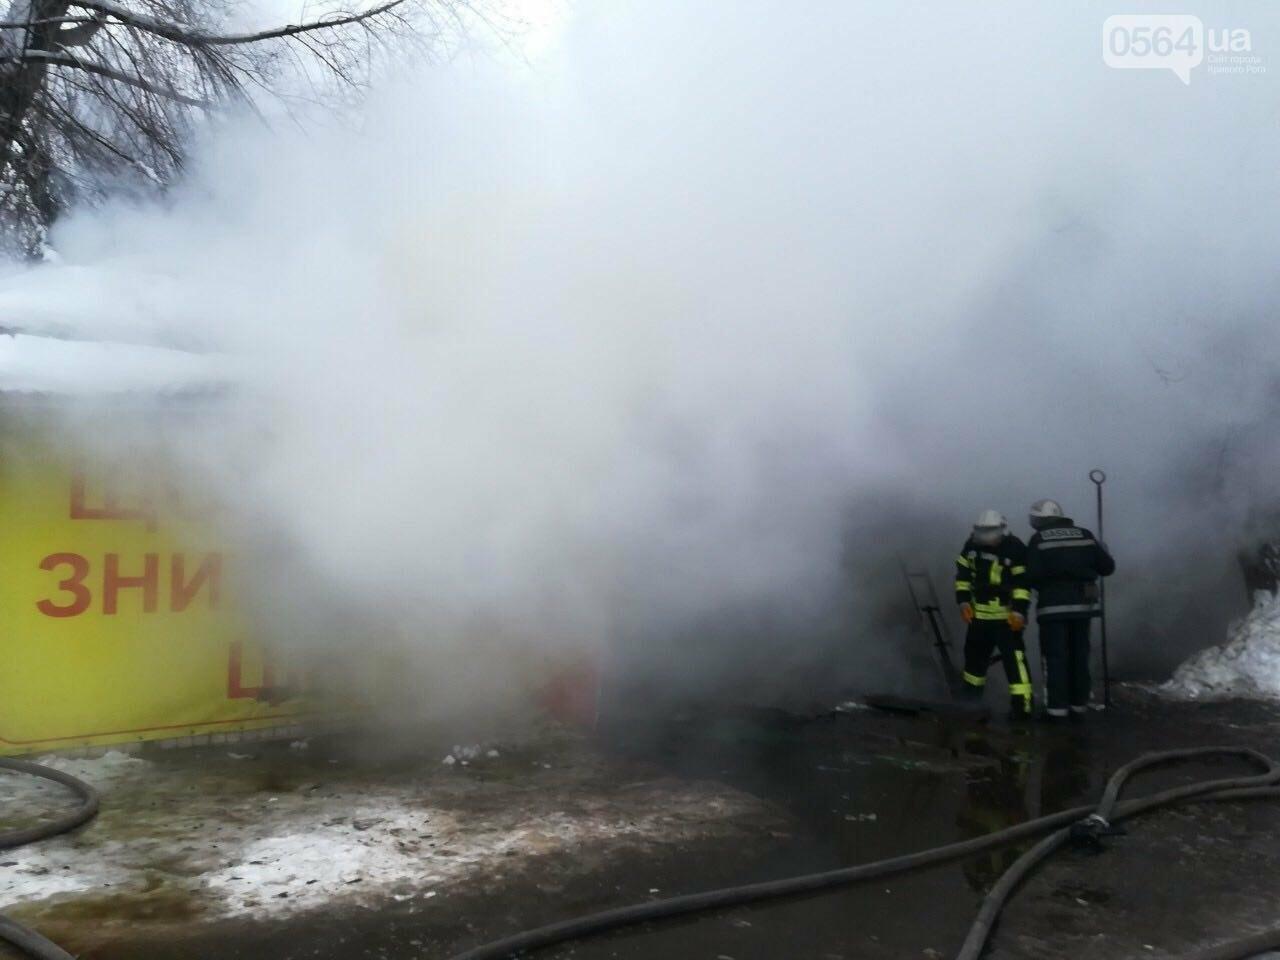 """В Кривом Роге сгорело 1,5 тонны одежды из """"сэконд хэнда"""", - ФОТО, фото-2"""